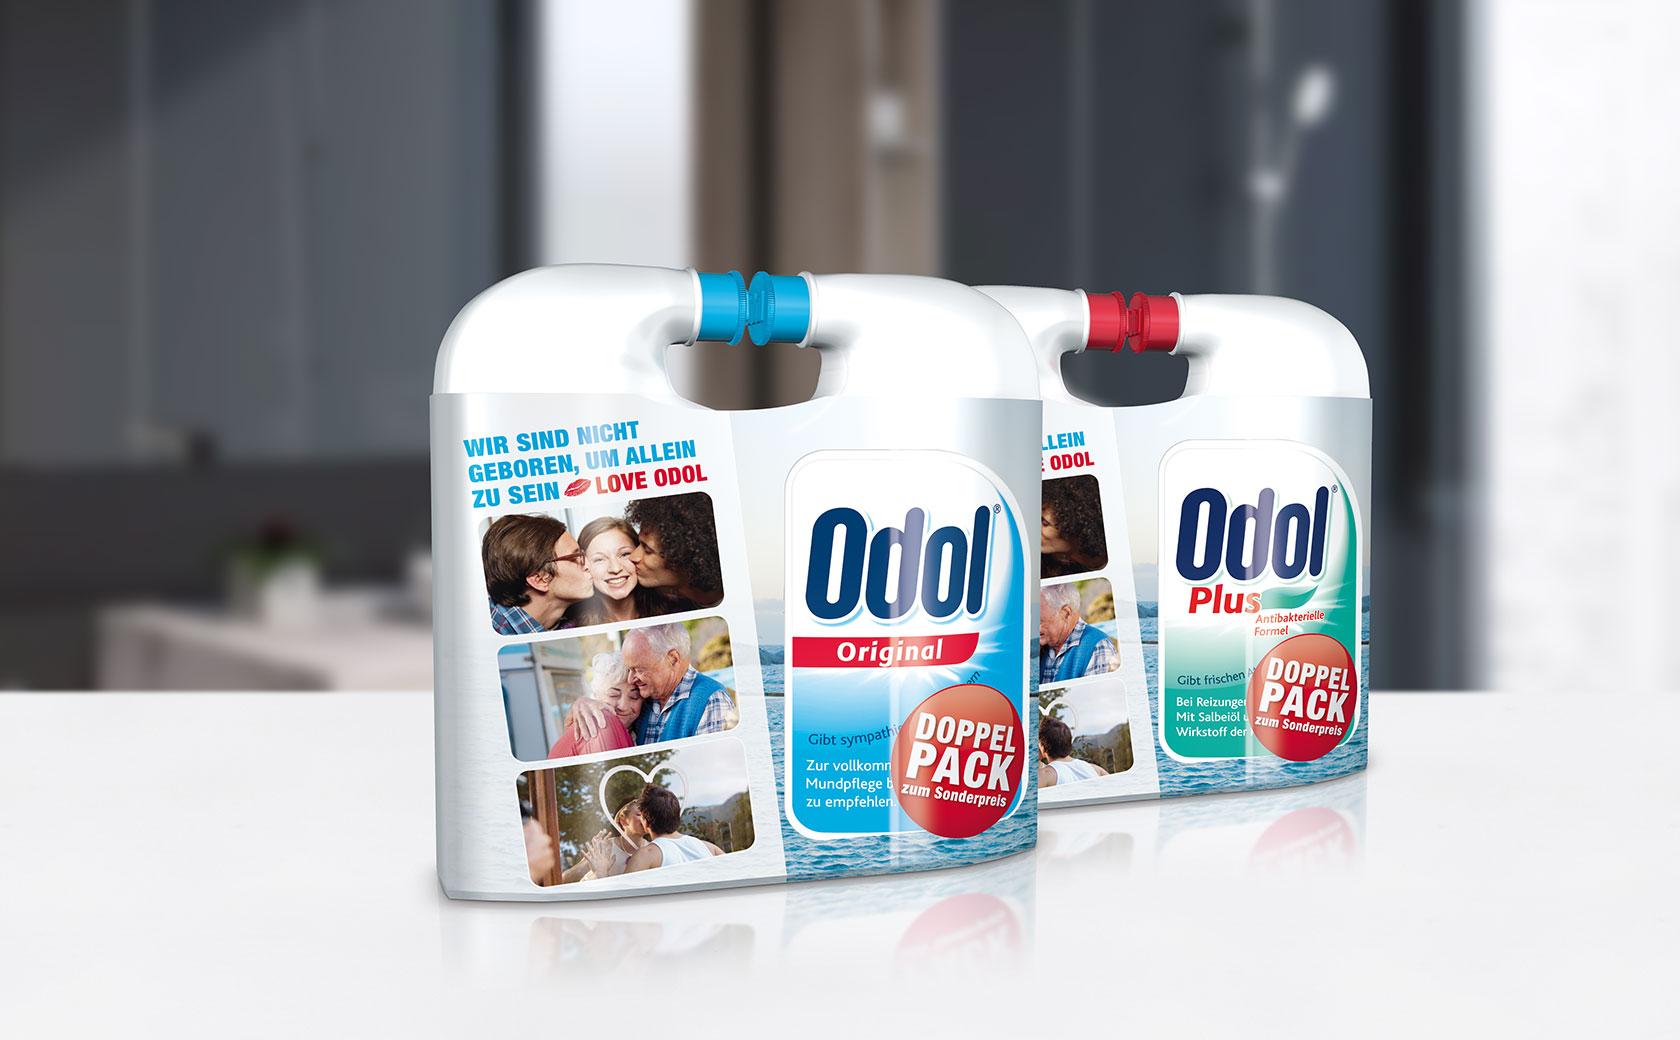 Odol Packaging